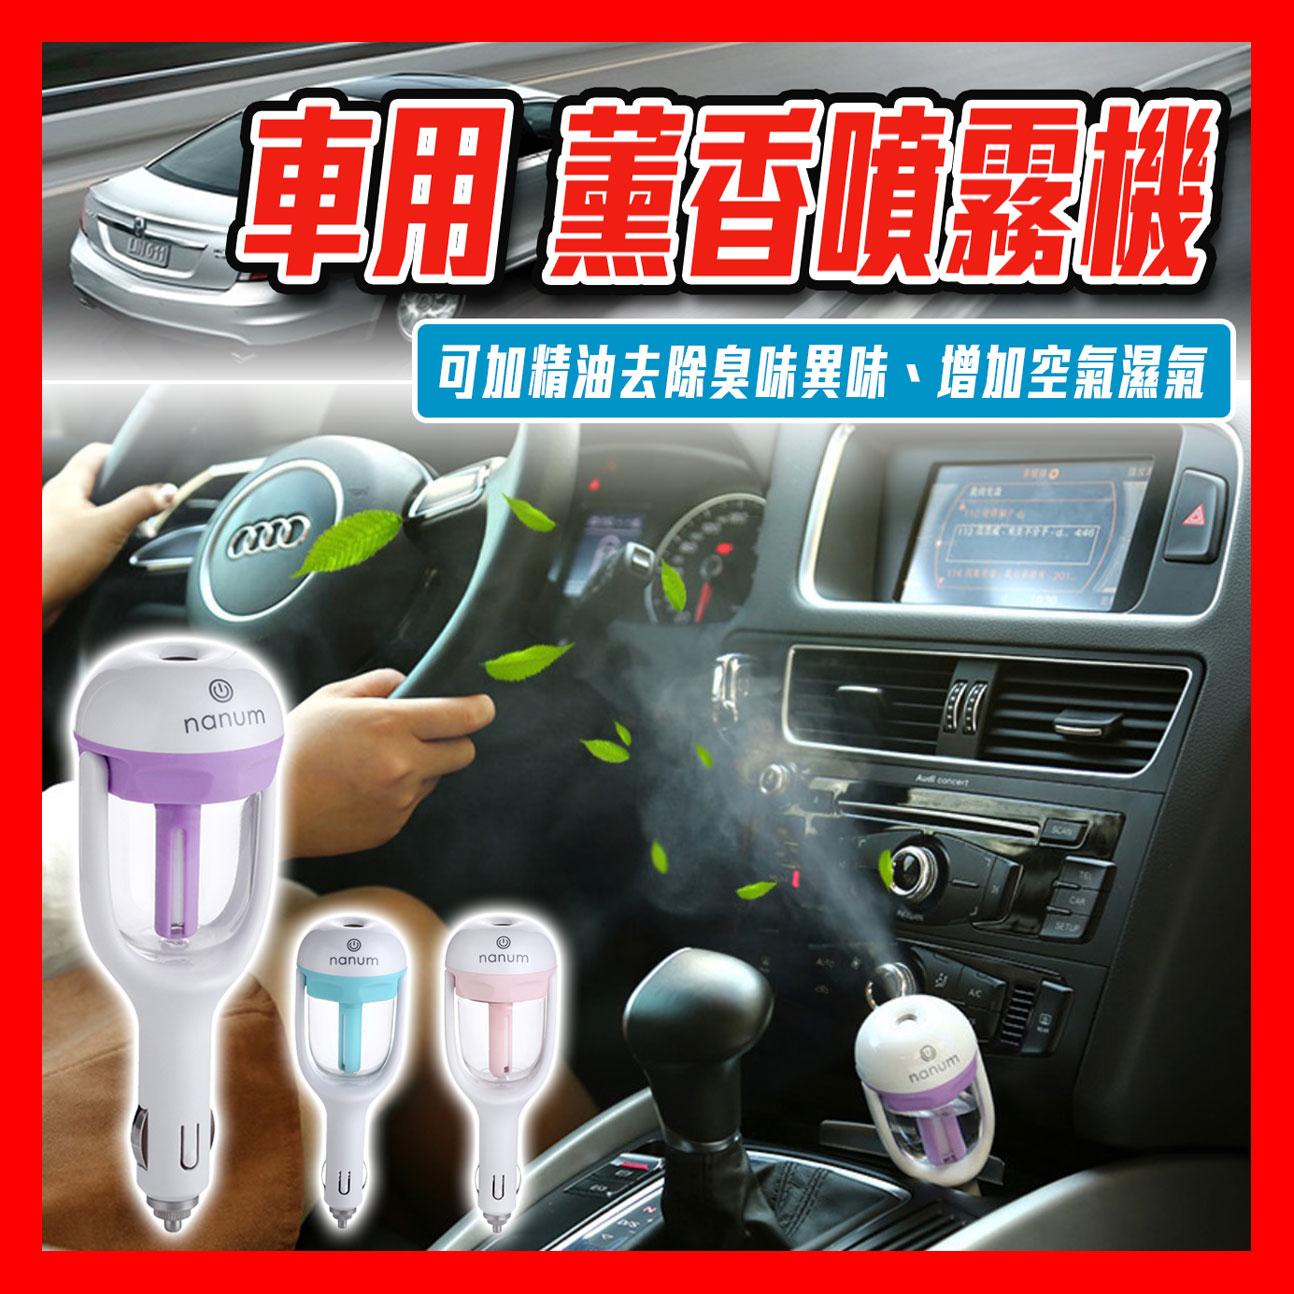 車用空氣薰香機 水氧機 淨化空氣 新車除味 負離子空氣加濕機 除異味 煙味 PM2.5 汽車 香水 車用 點菸器